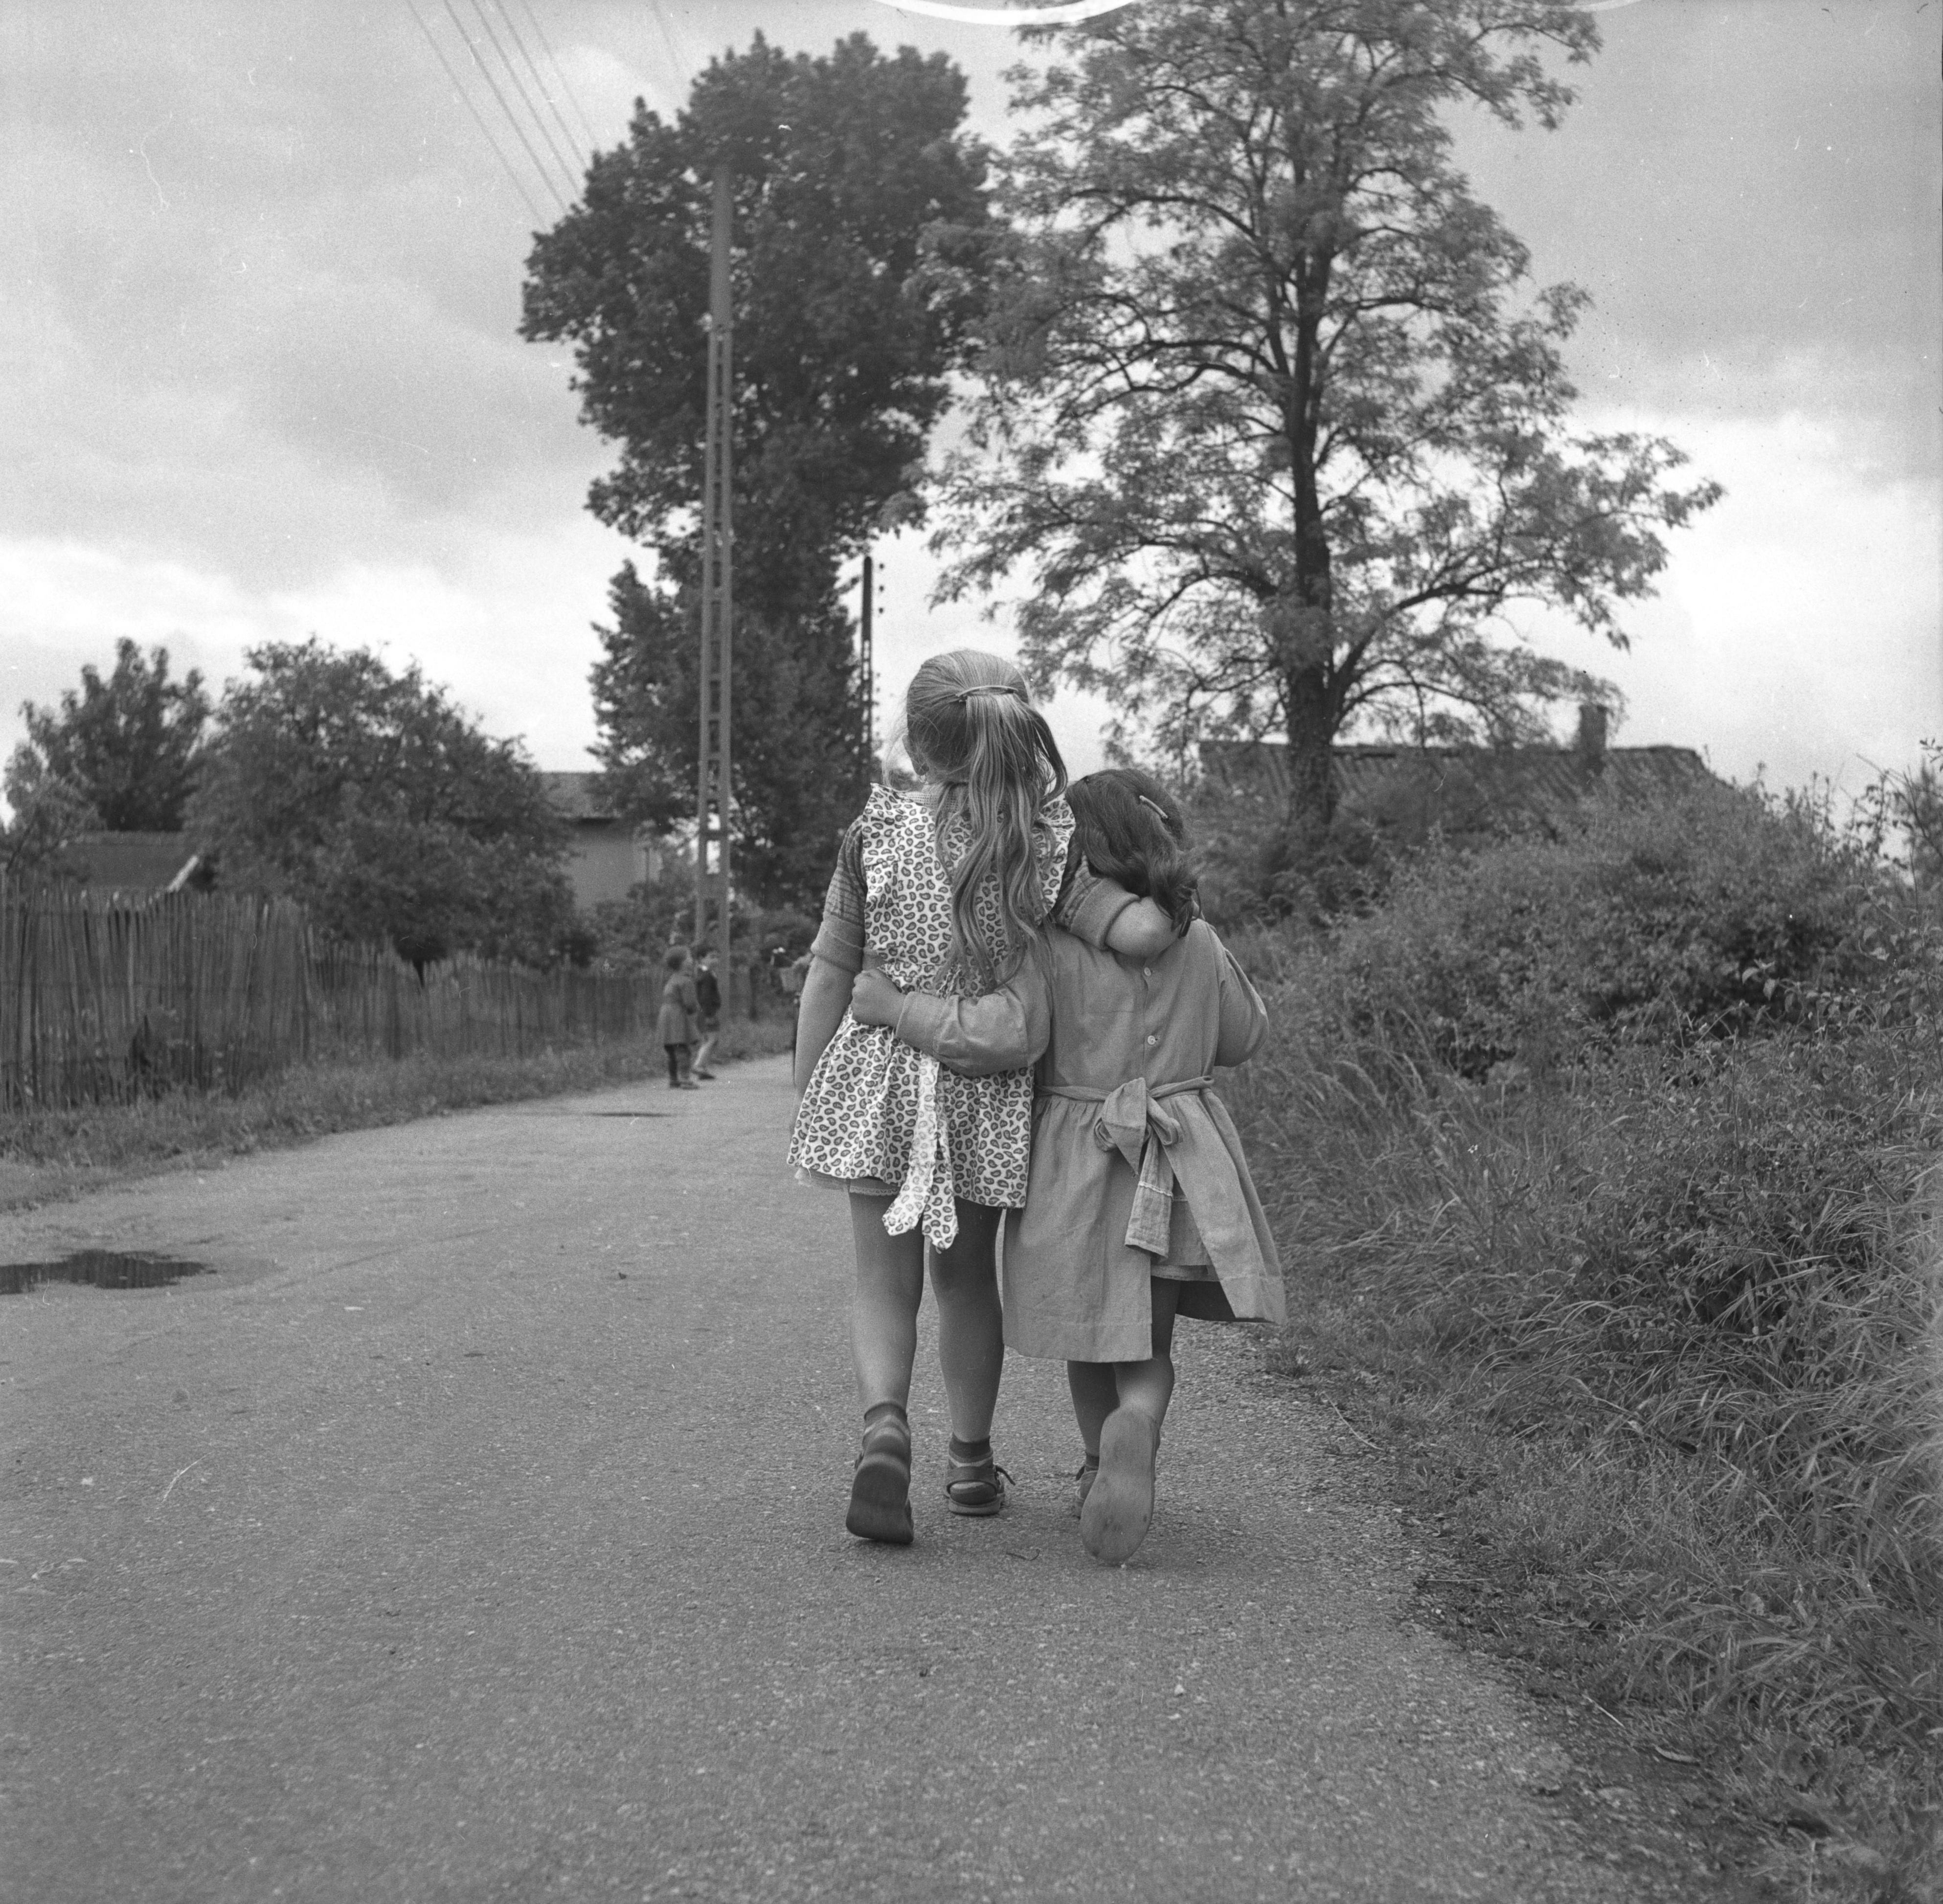 photographes en rh ne alpes deux petites filles de dos bras dessus bras dessous marchent. Black Bedroom Furniture Sets. Home Design Ideas